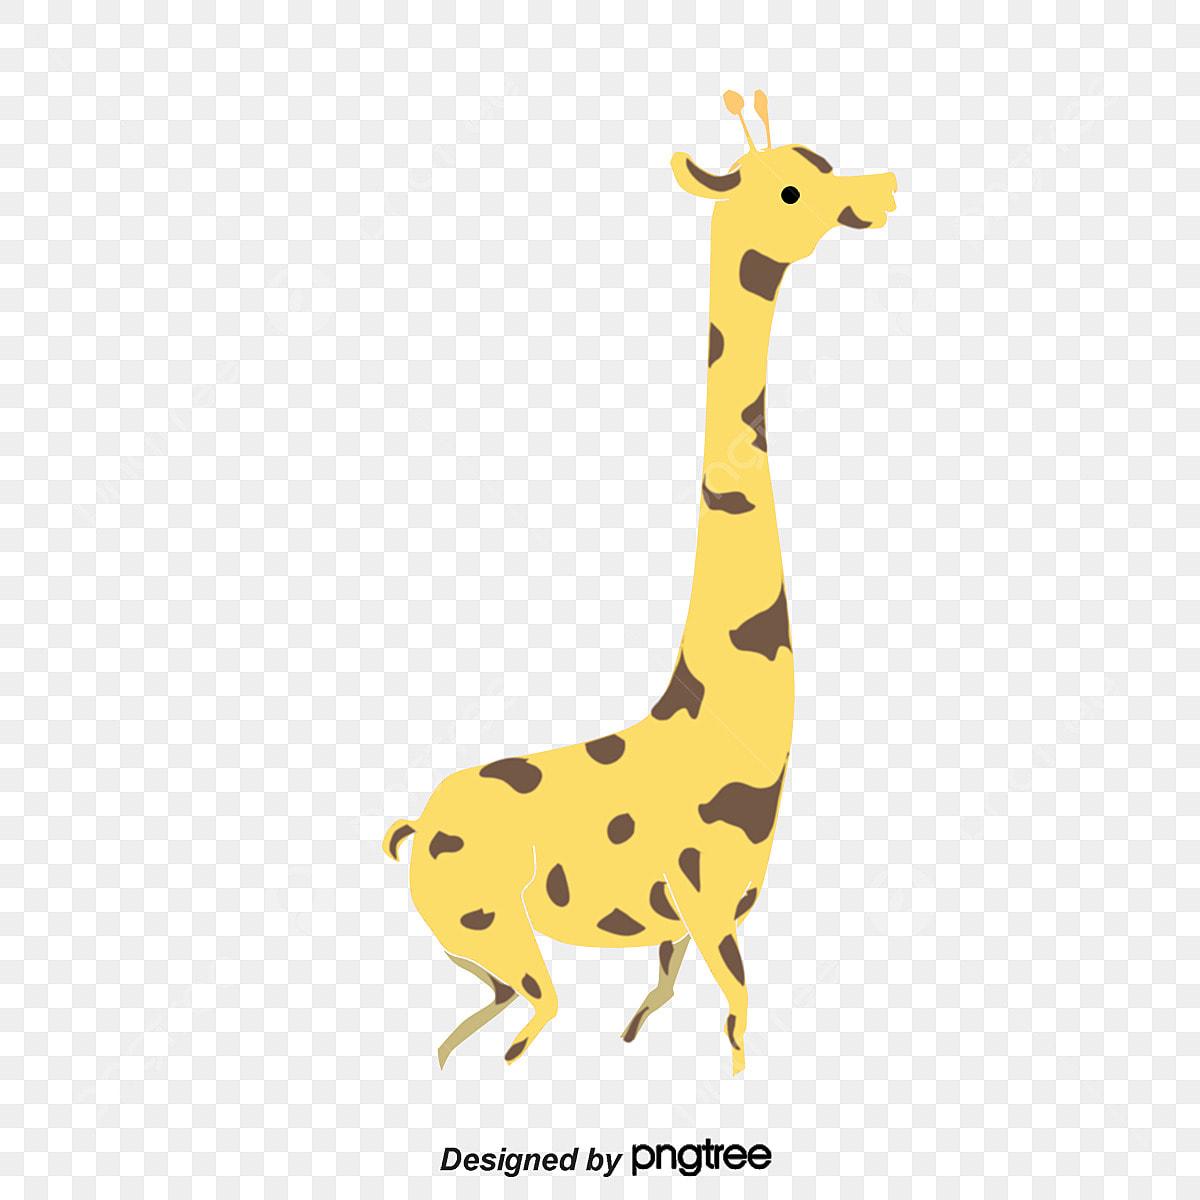 Desenho De Girafa A Girafa Ilustracao Animal Png E Vetor Para